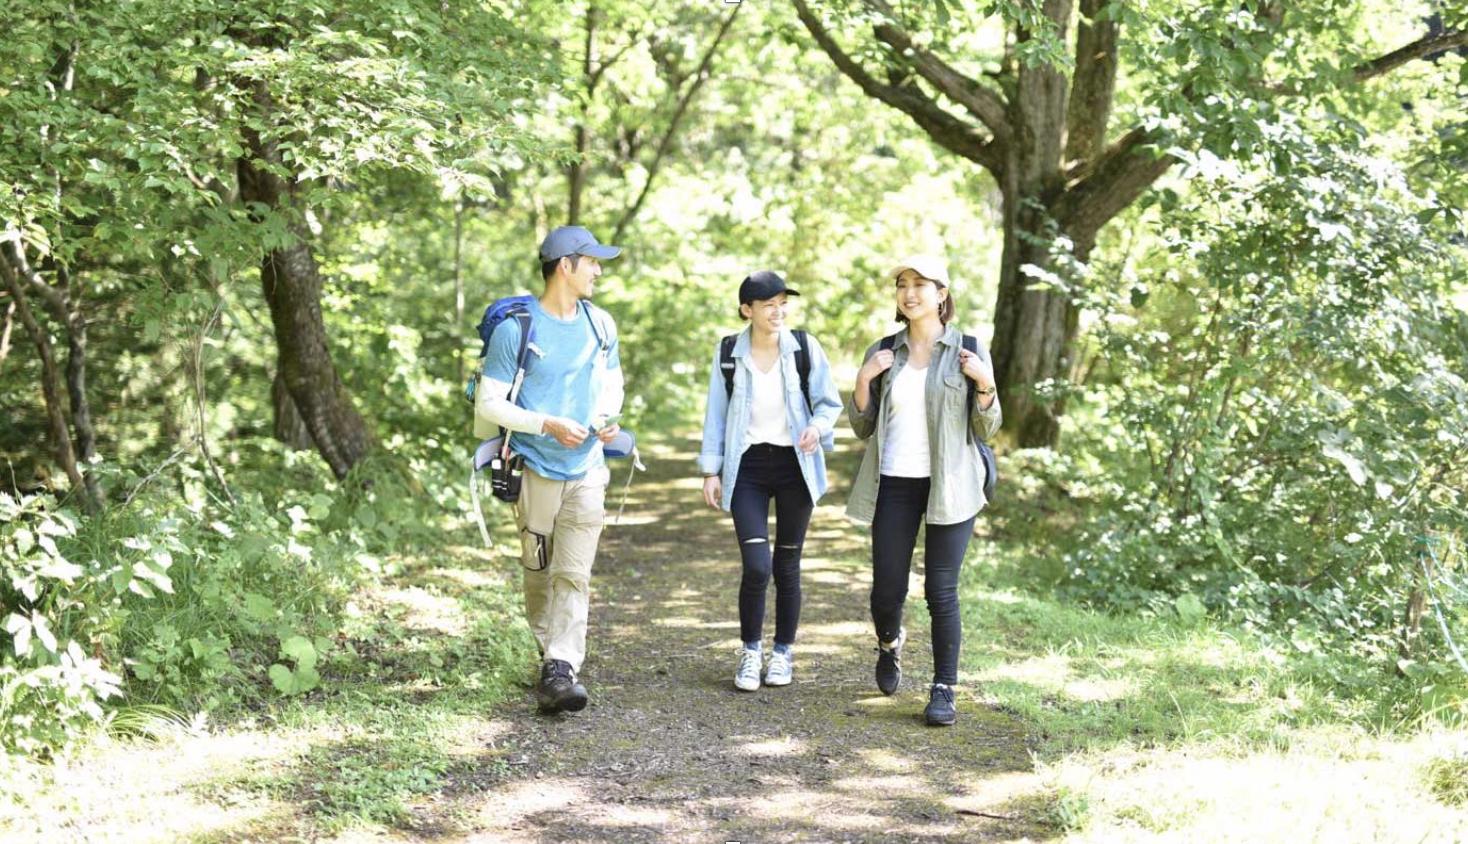 ふるさと納税の返礼品にも!森で地域も日本も元気にする長野県信濃町の森林セラピー